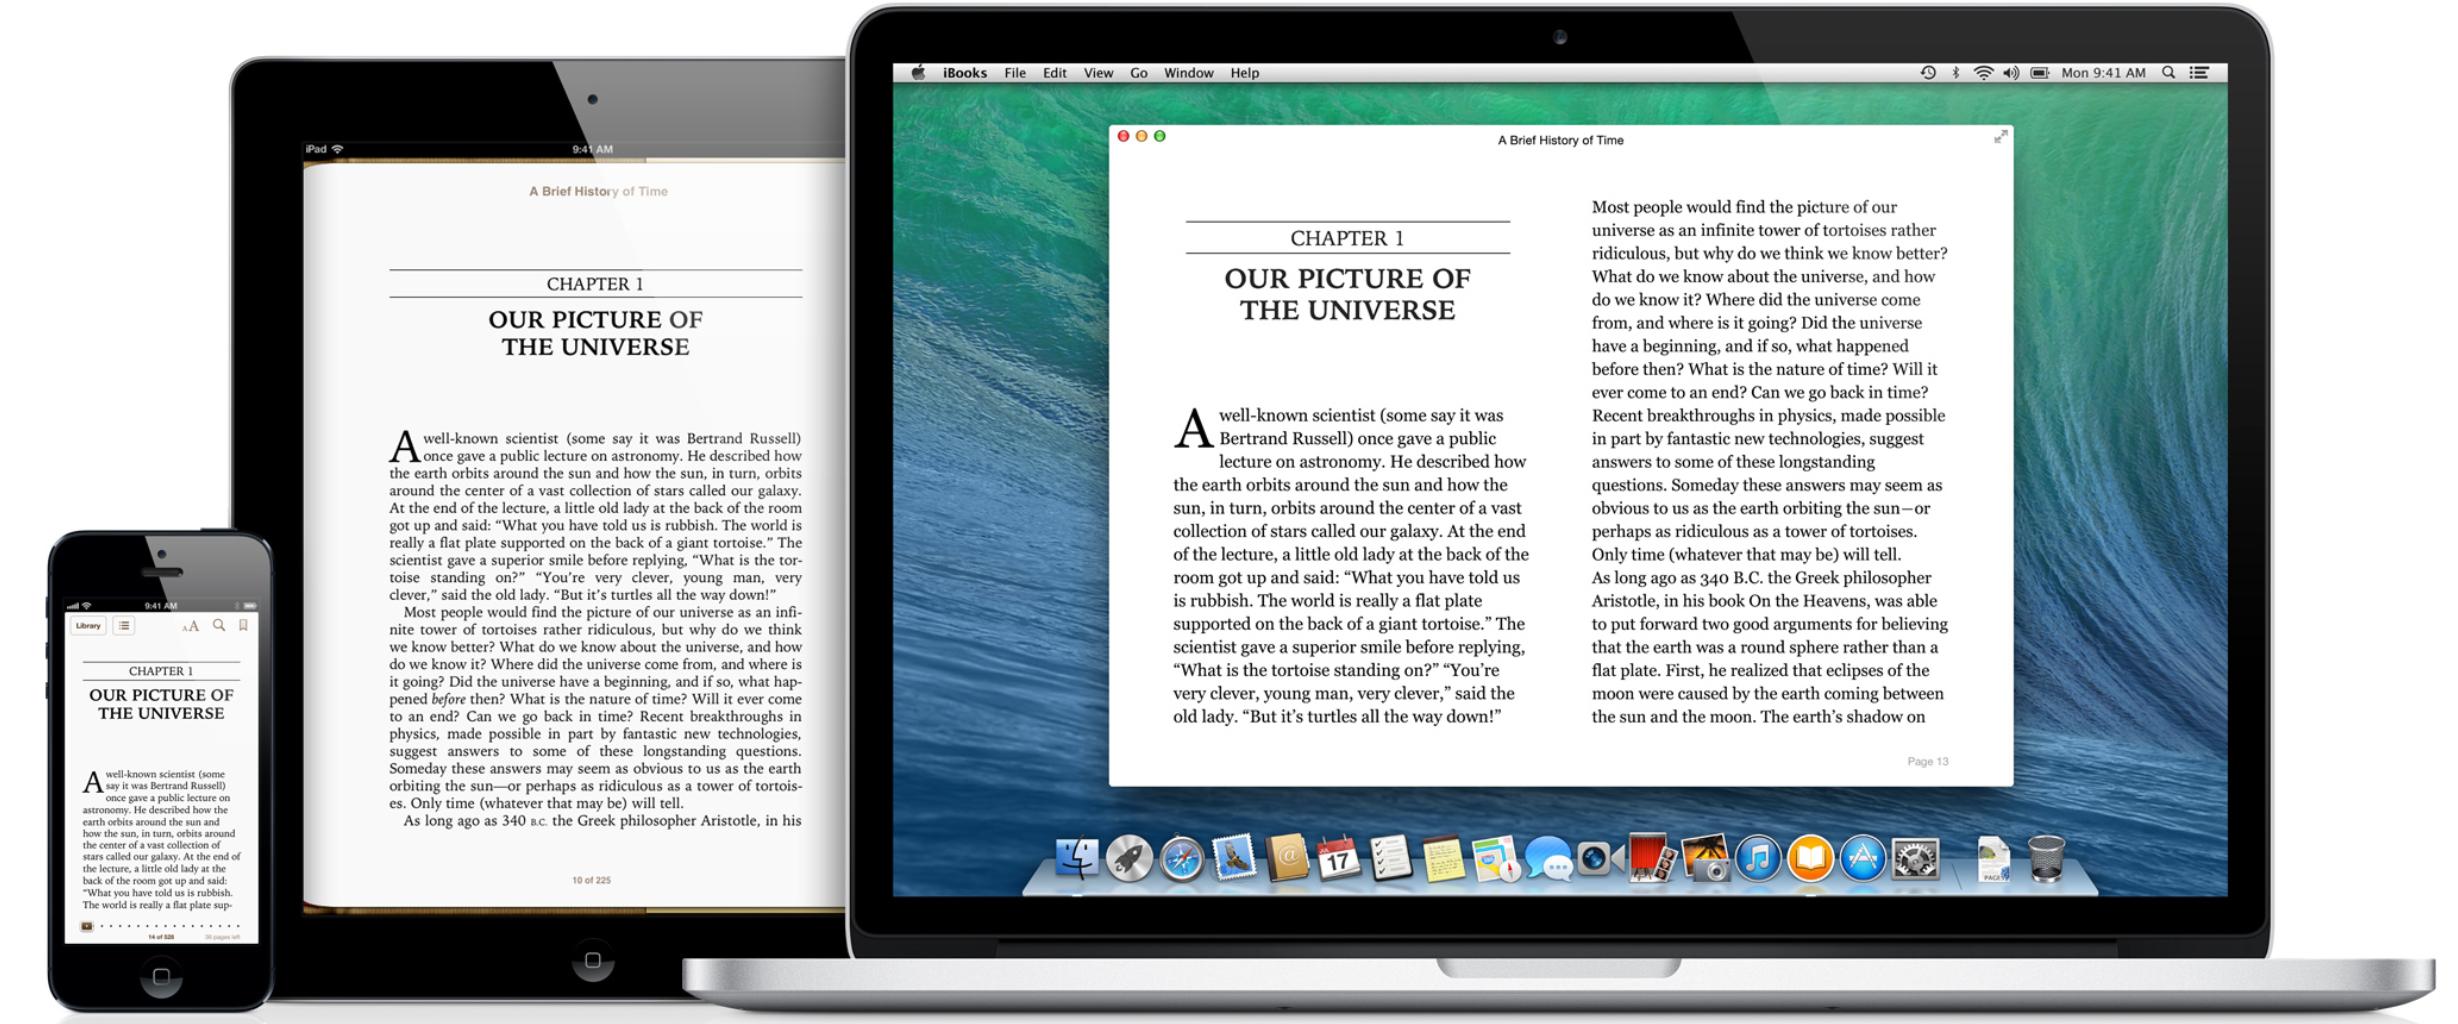 iBooks: ora è possibile regalare libri specifici sia da iOS che da OS X